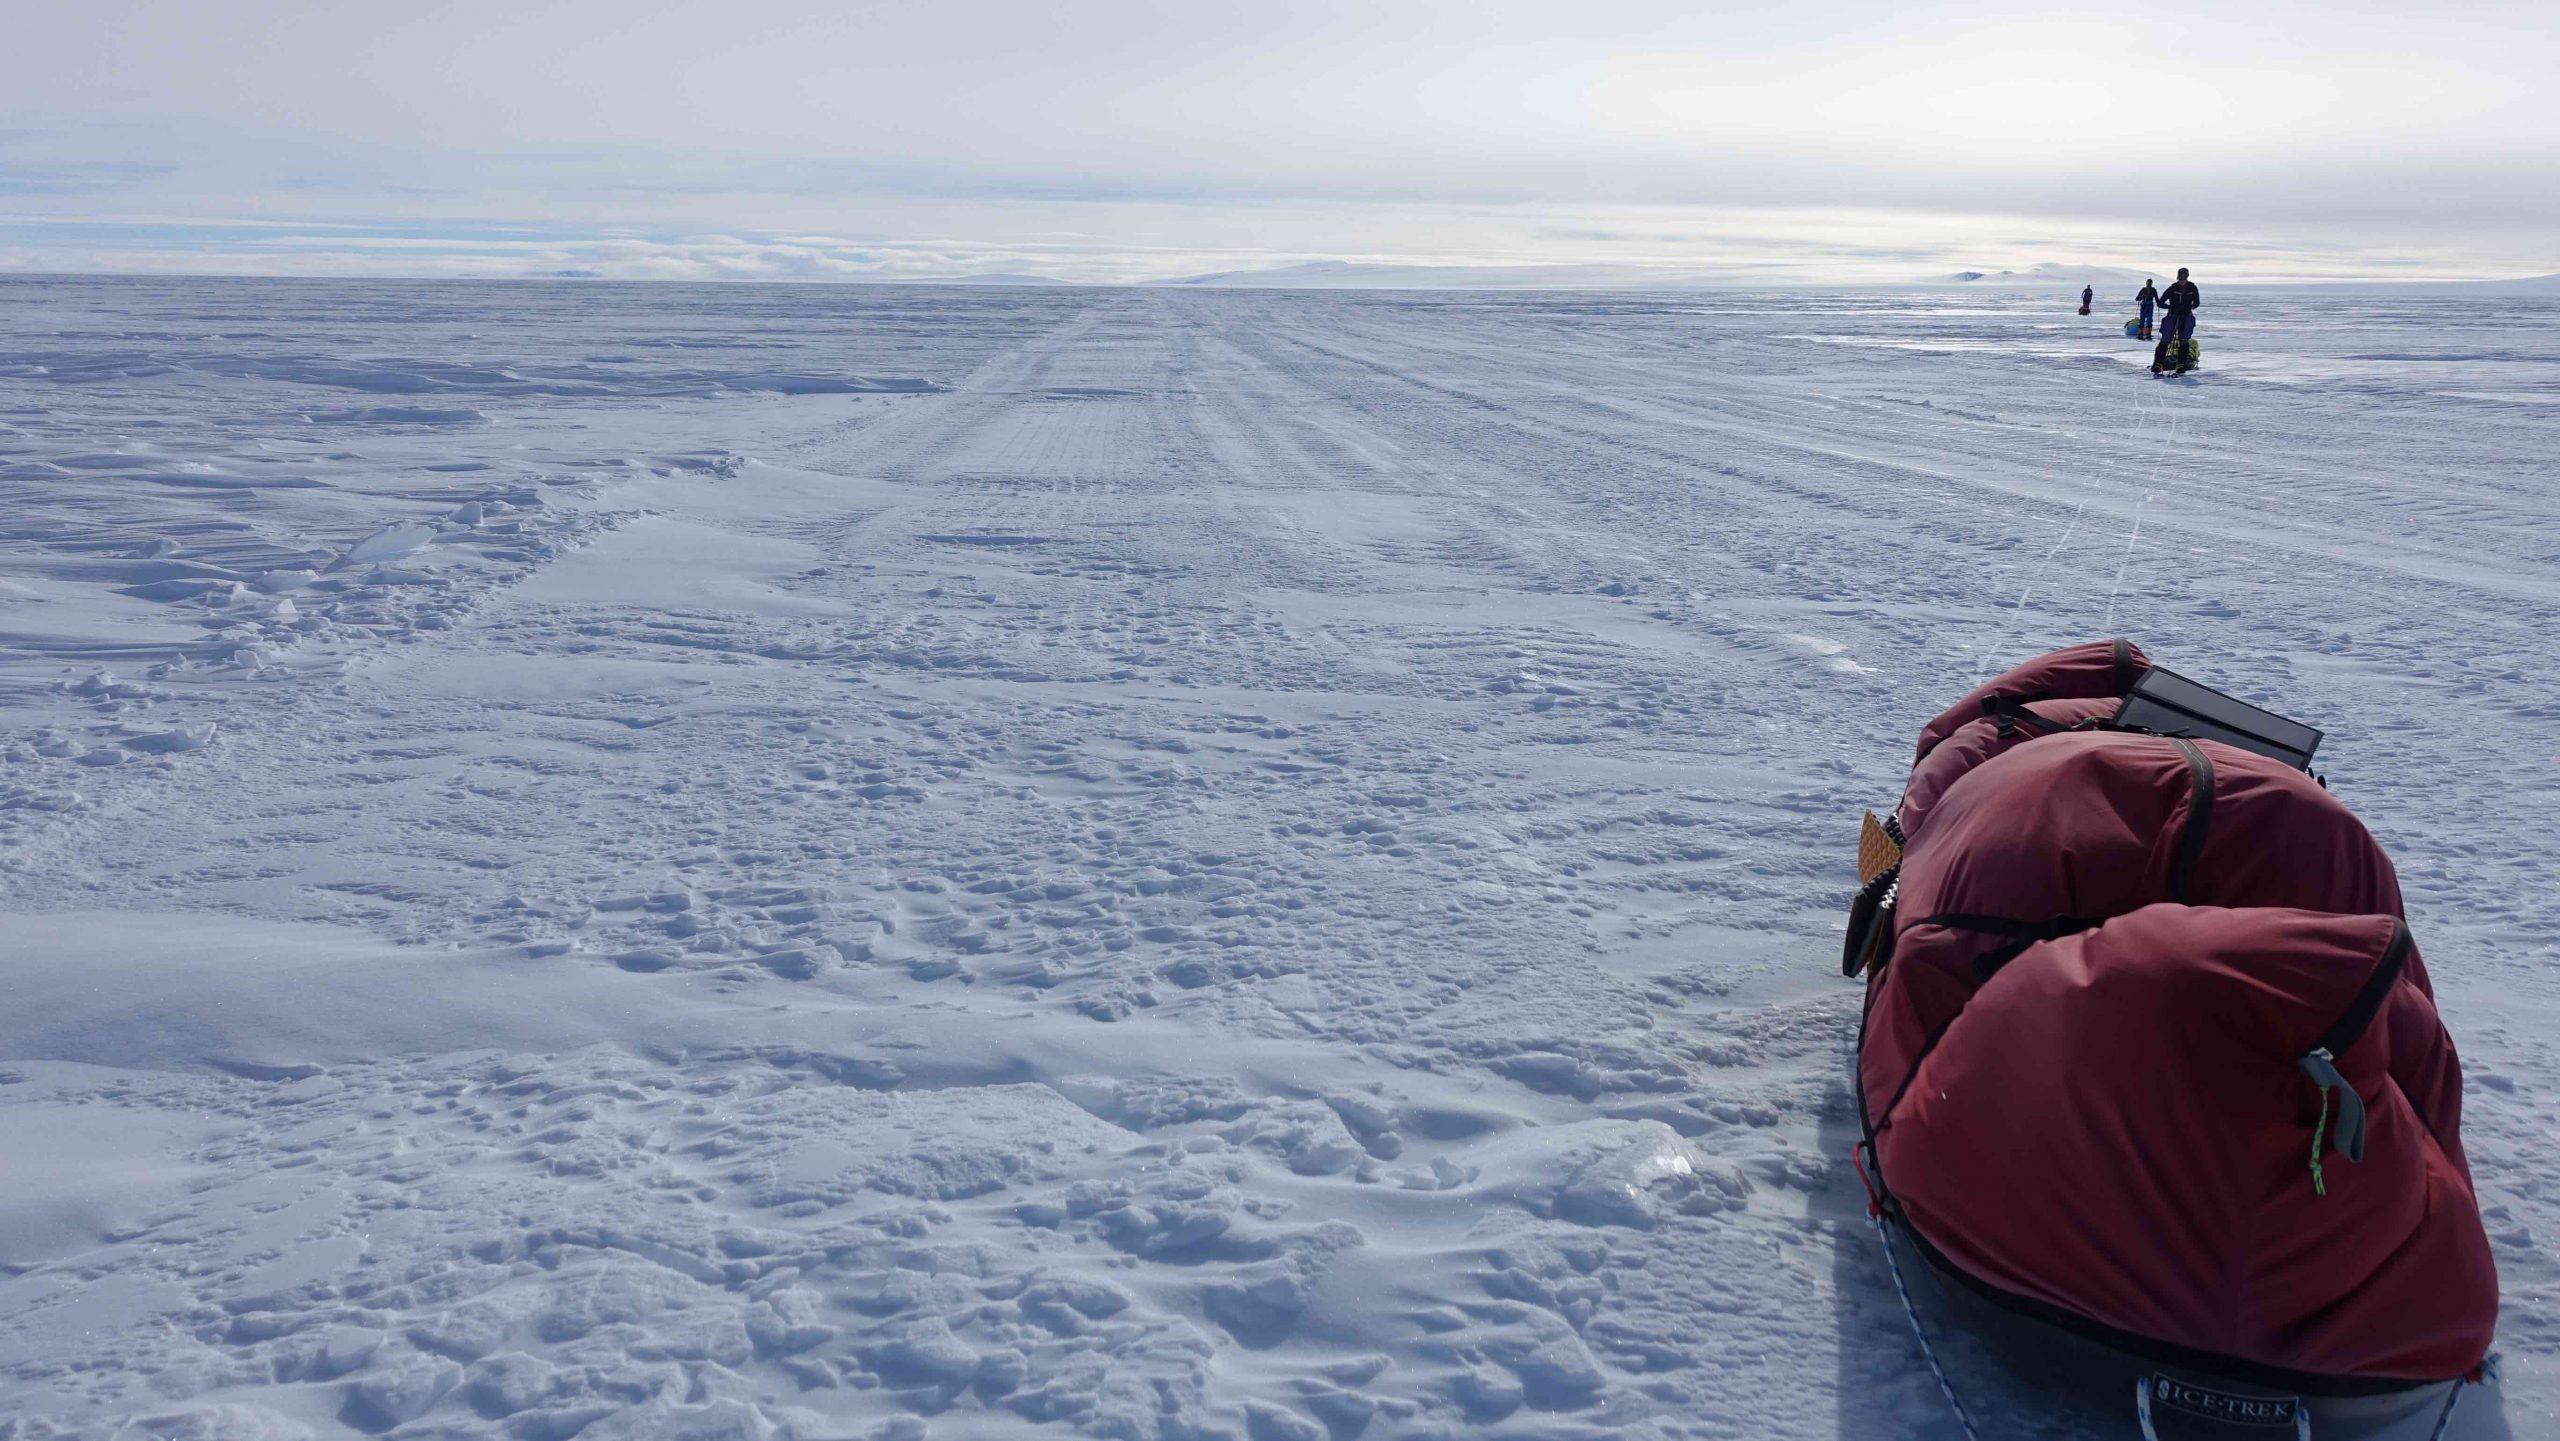 """Abb. 3 Zur Versorgung der US Amundsen-Scott South Pole Station wurde 2006 von McMurdo über das Ross-Schelfeis und durch die Transantarctic Mountains bis zum Südpol die 1.600 Kilometer lange Eispiste """"South Pole Traverse"""" (SPoT, auch """"McMurdo-South Pole Highway"""" genannt) angelegt. Sie ist markiert und durch tonnenschwere Schlittenlastzüge planiert, was Skiläufern und Radfahrern das Vorwärtskommen wesentlich erleichtert. Foto: Eric Philips 2017 I bergundsteigen.blog"""